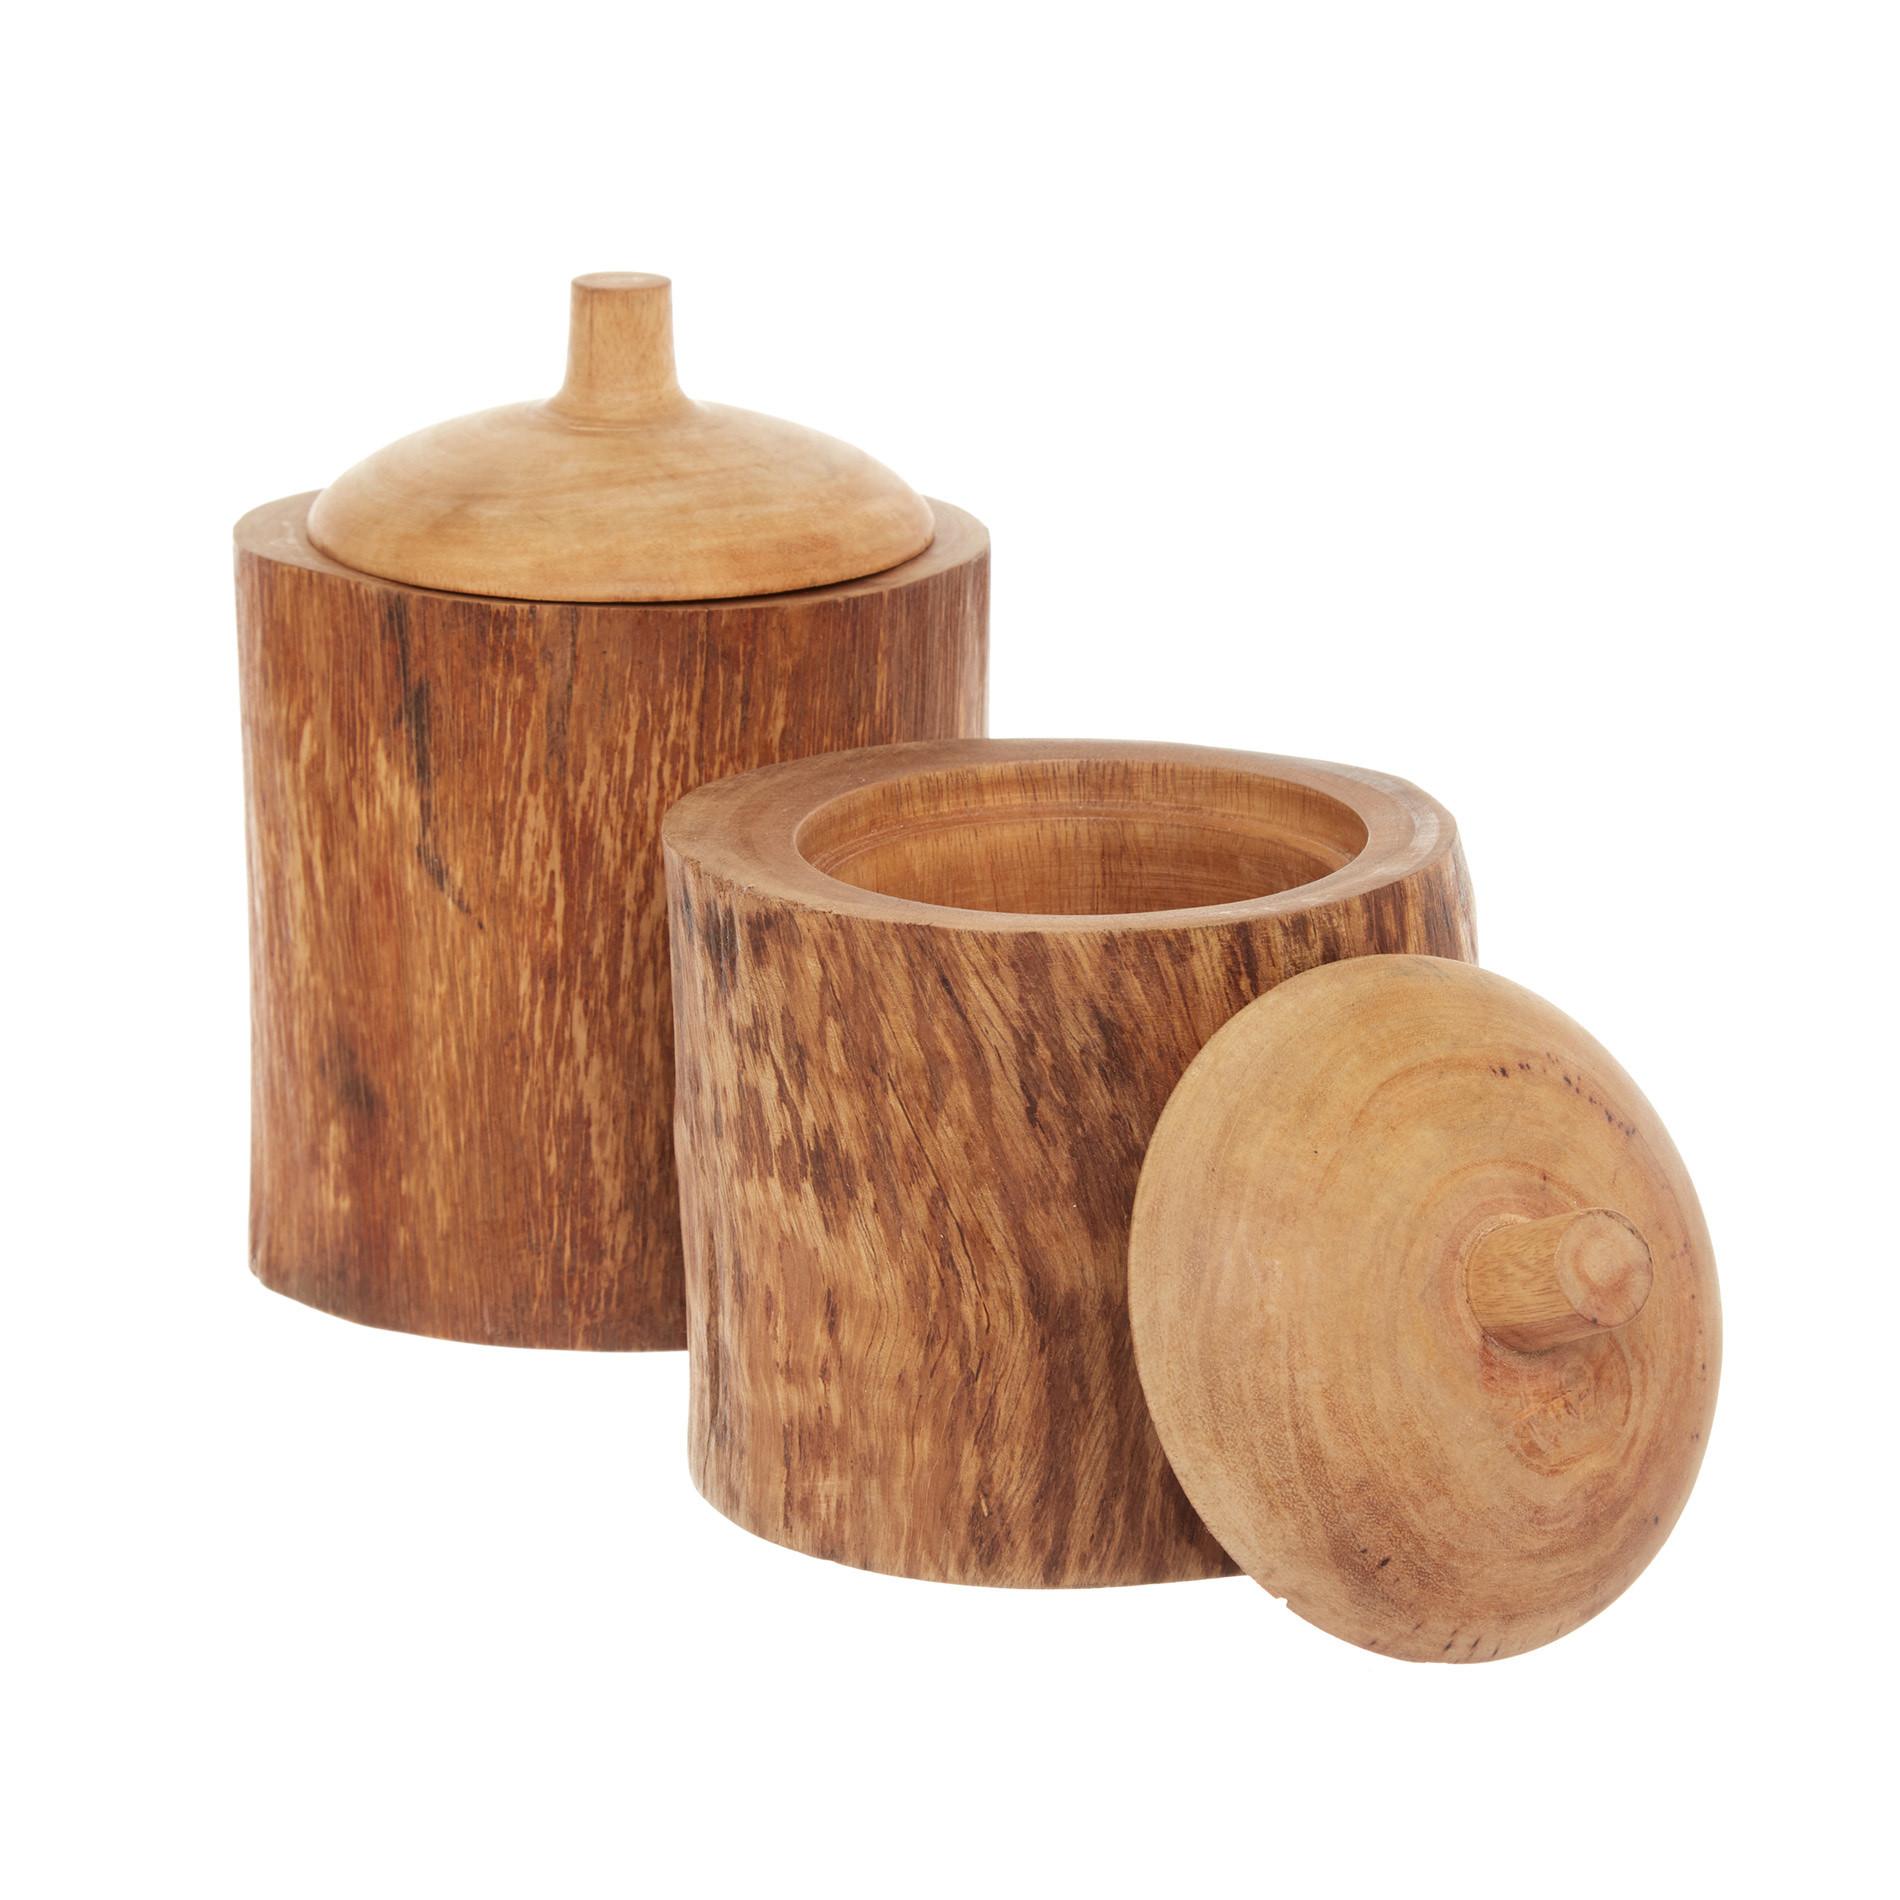 Box legno di mango decorato a mano, Marrone, large image number 2